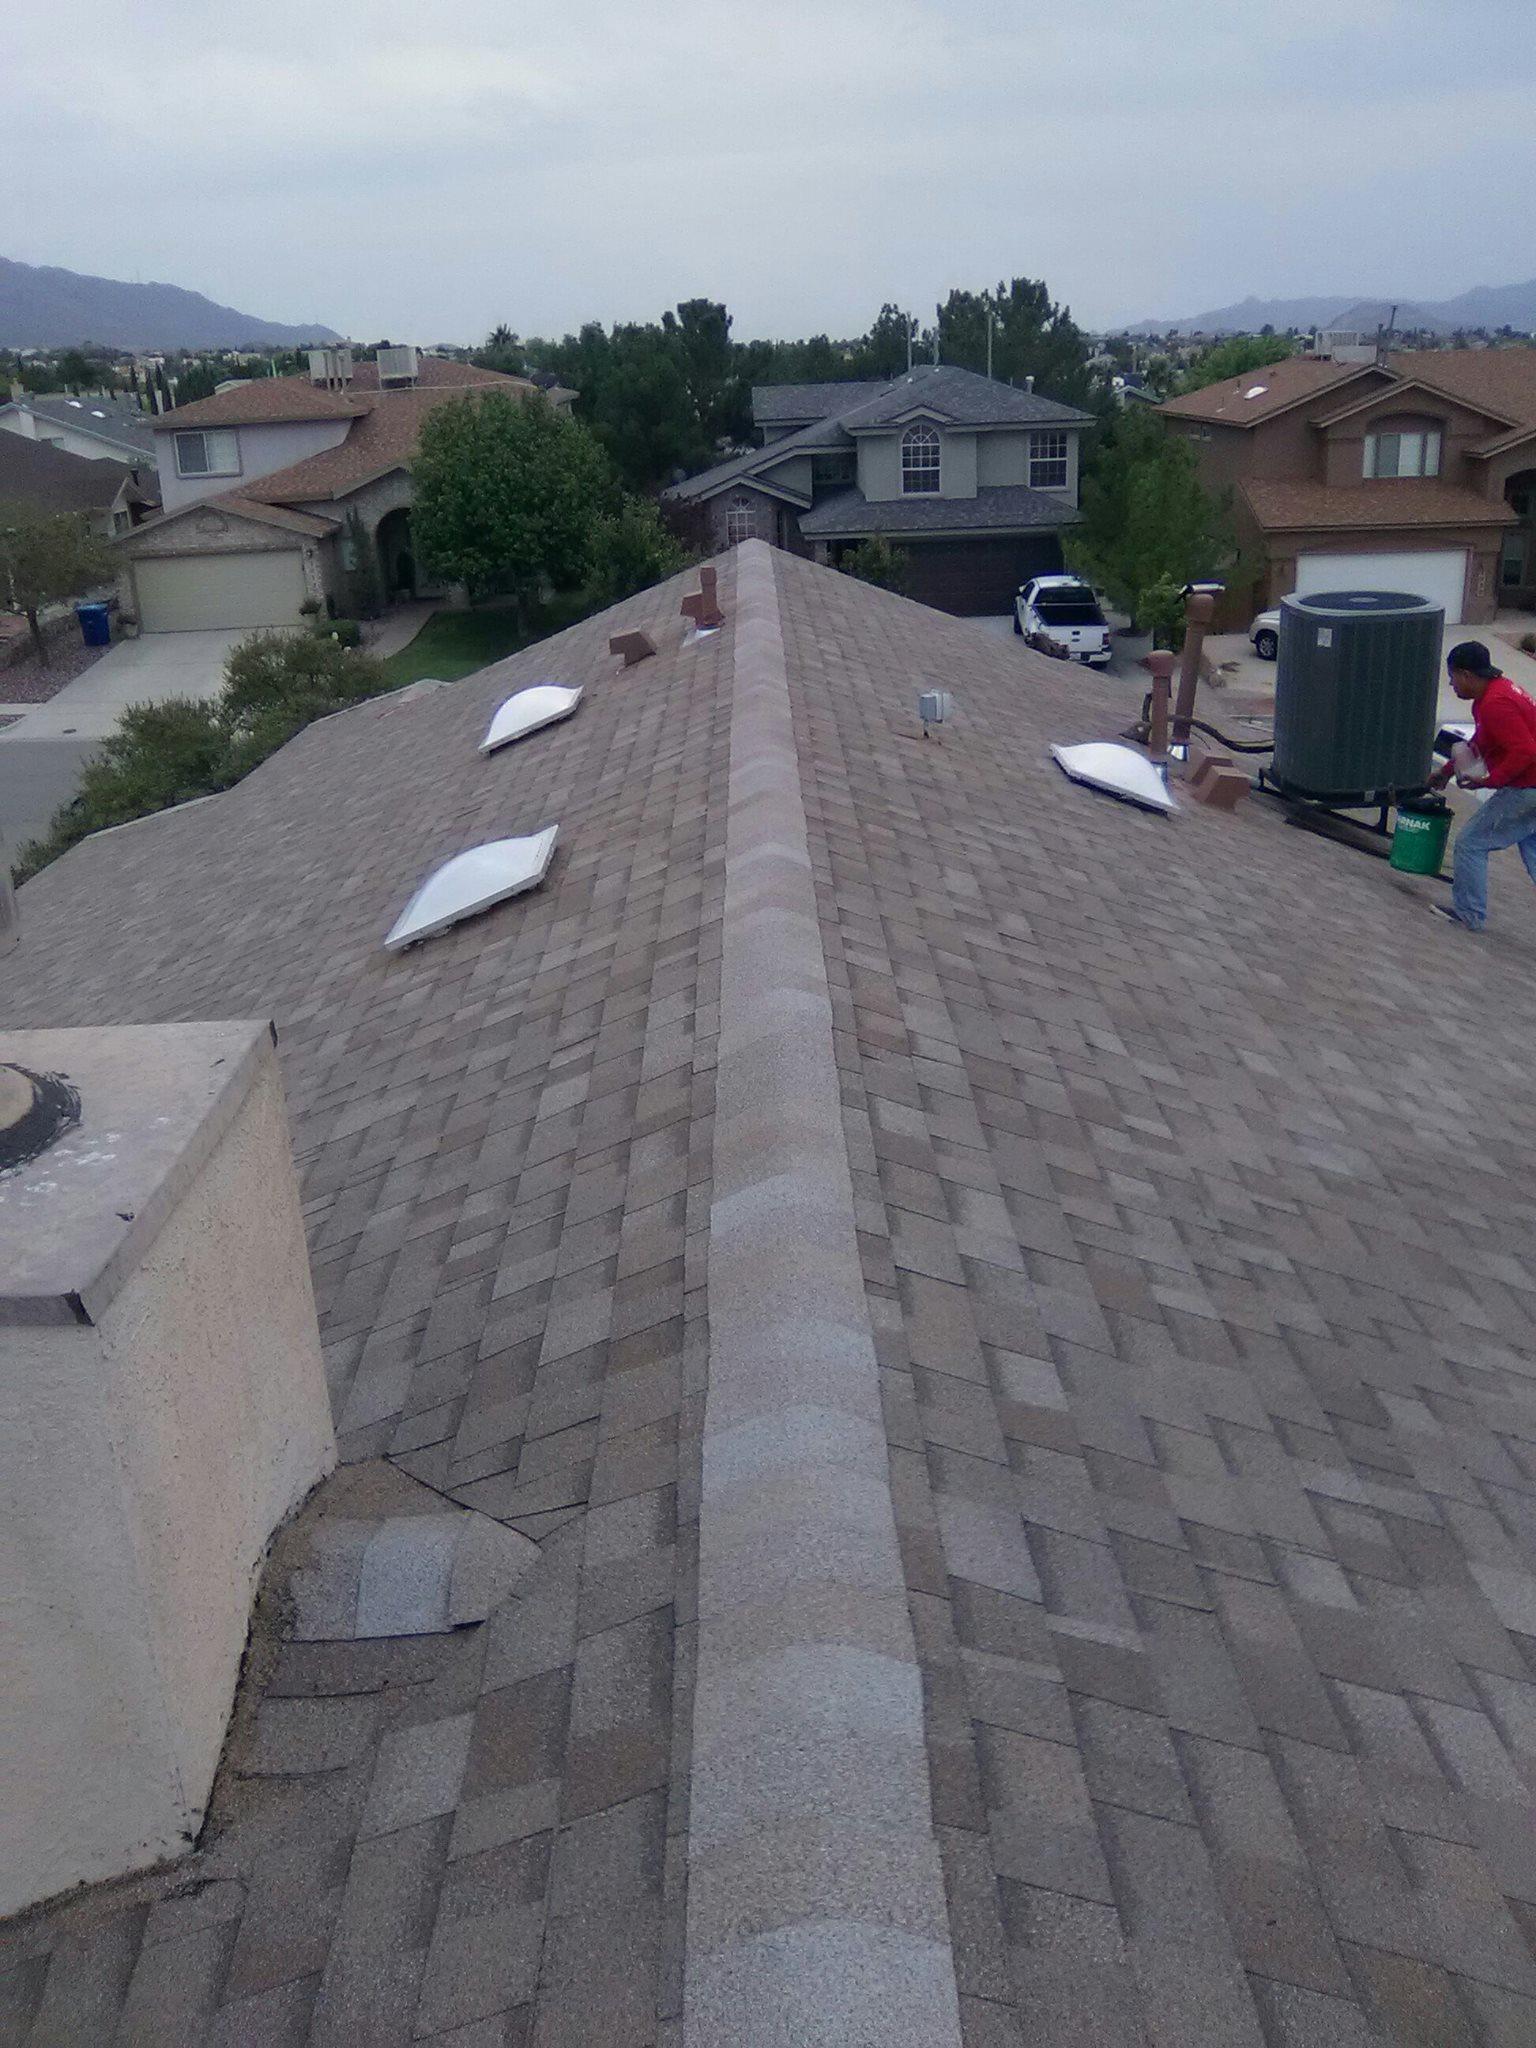 Amerus Roofing El Paso jm roofing construction 197 via bella, el paso, tx 79928